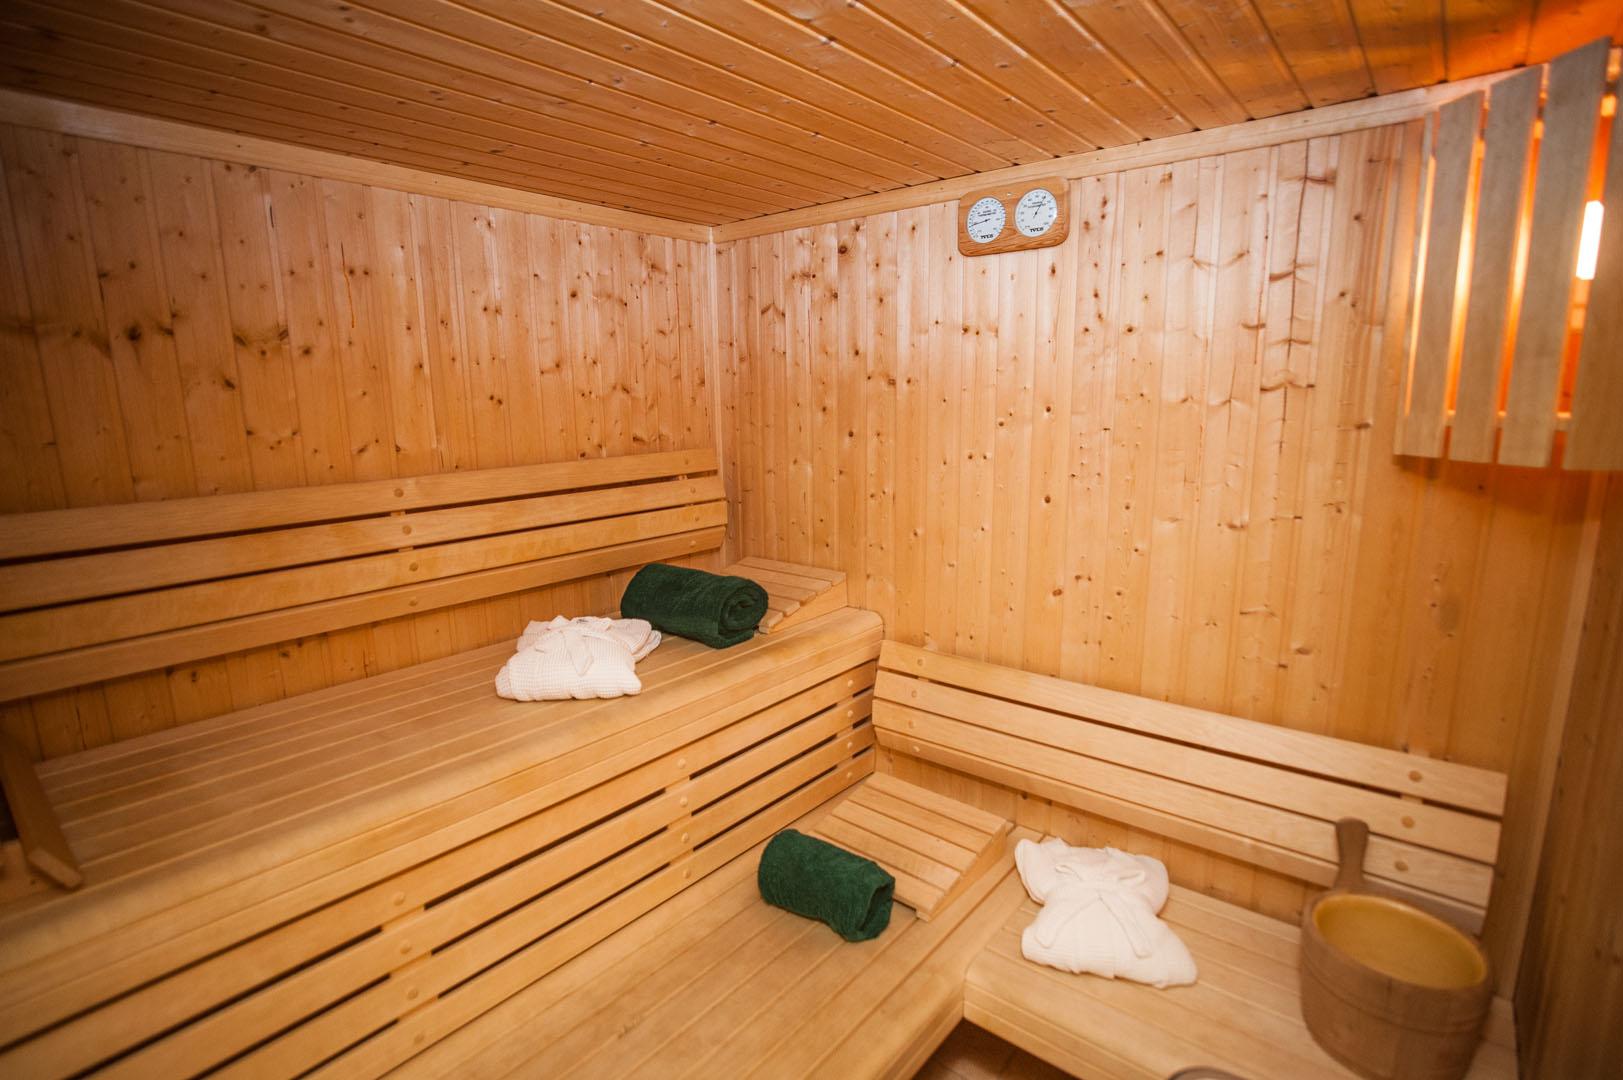 Septieme Ciel - Sauna